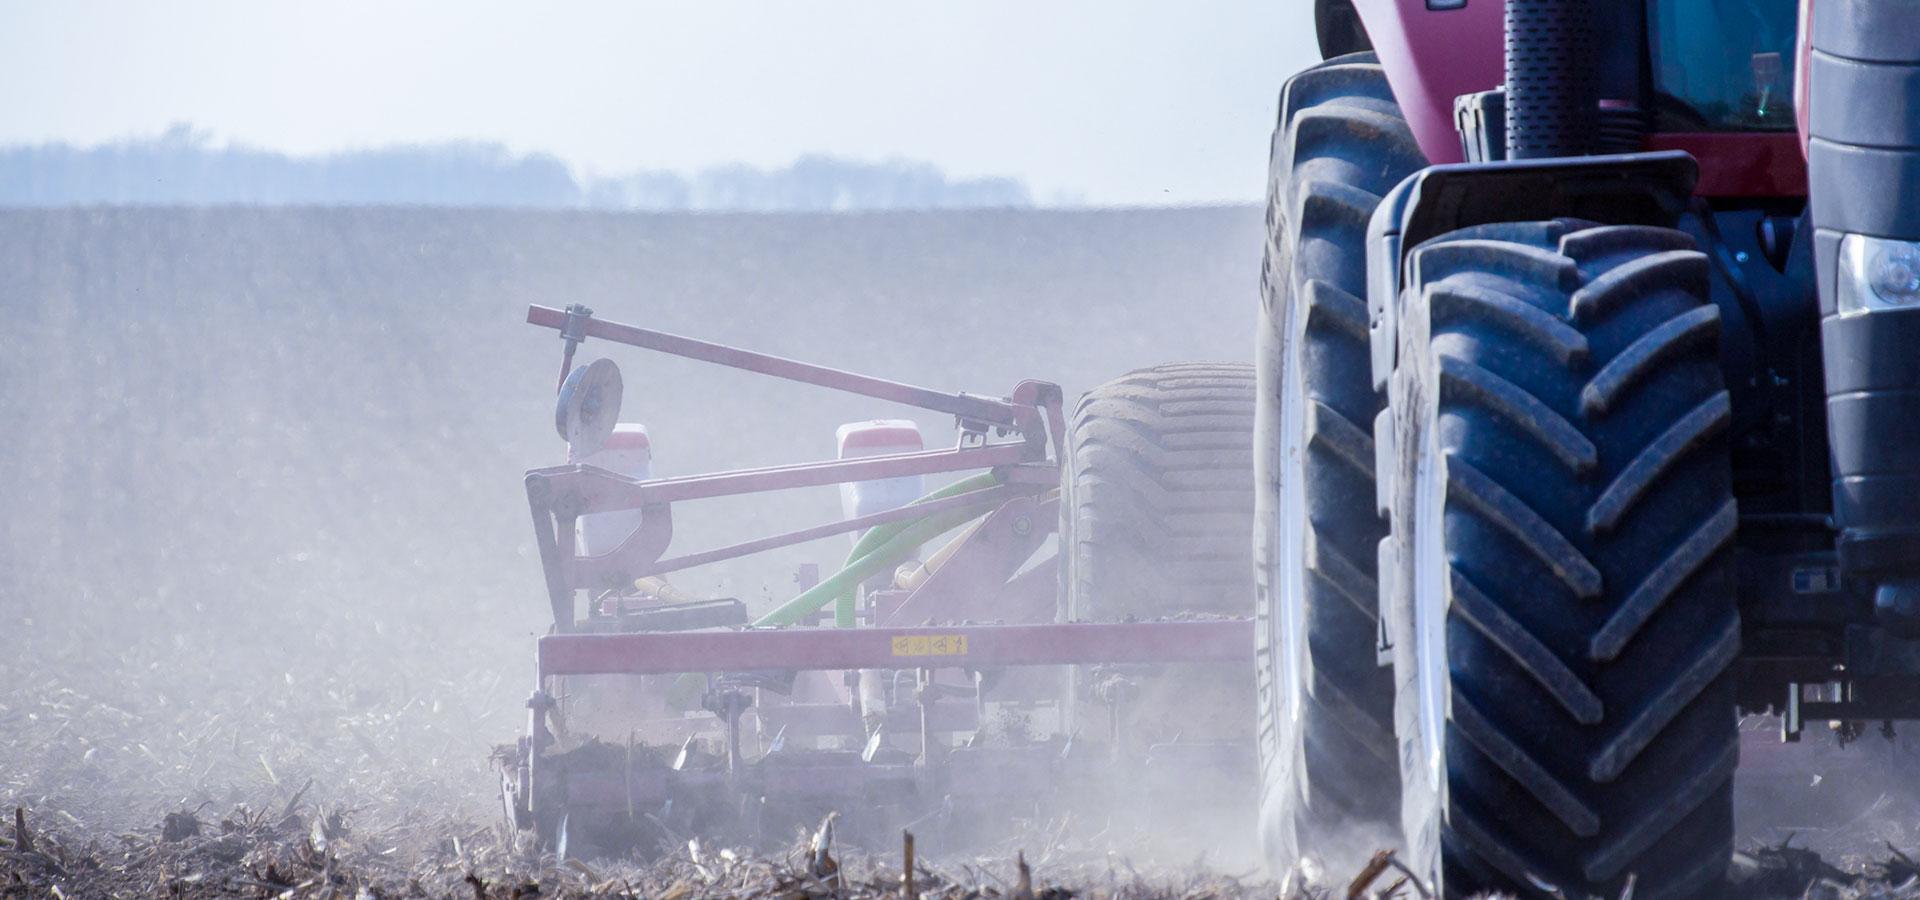 Landwirtschaftslider